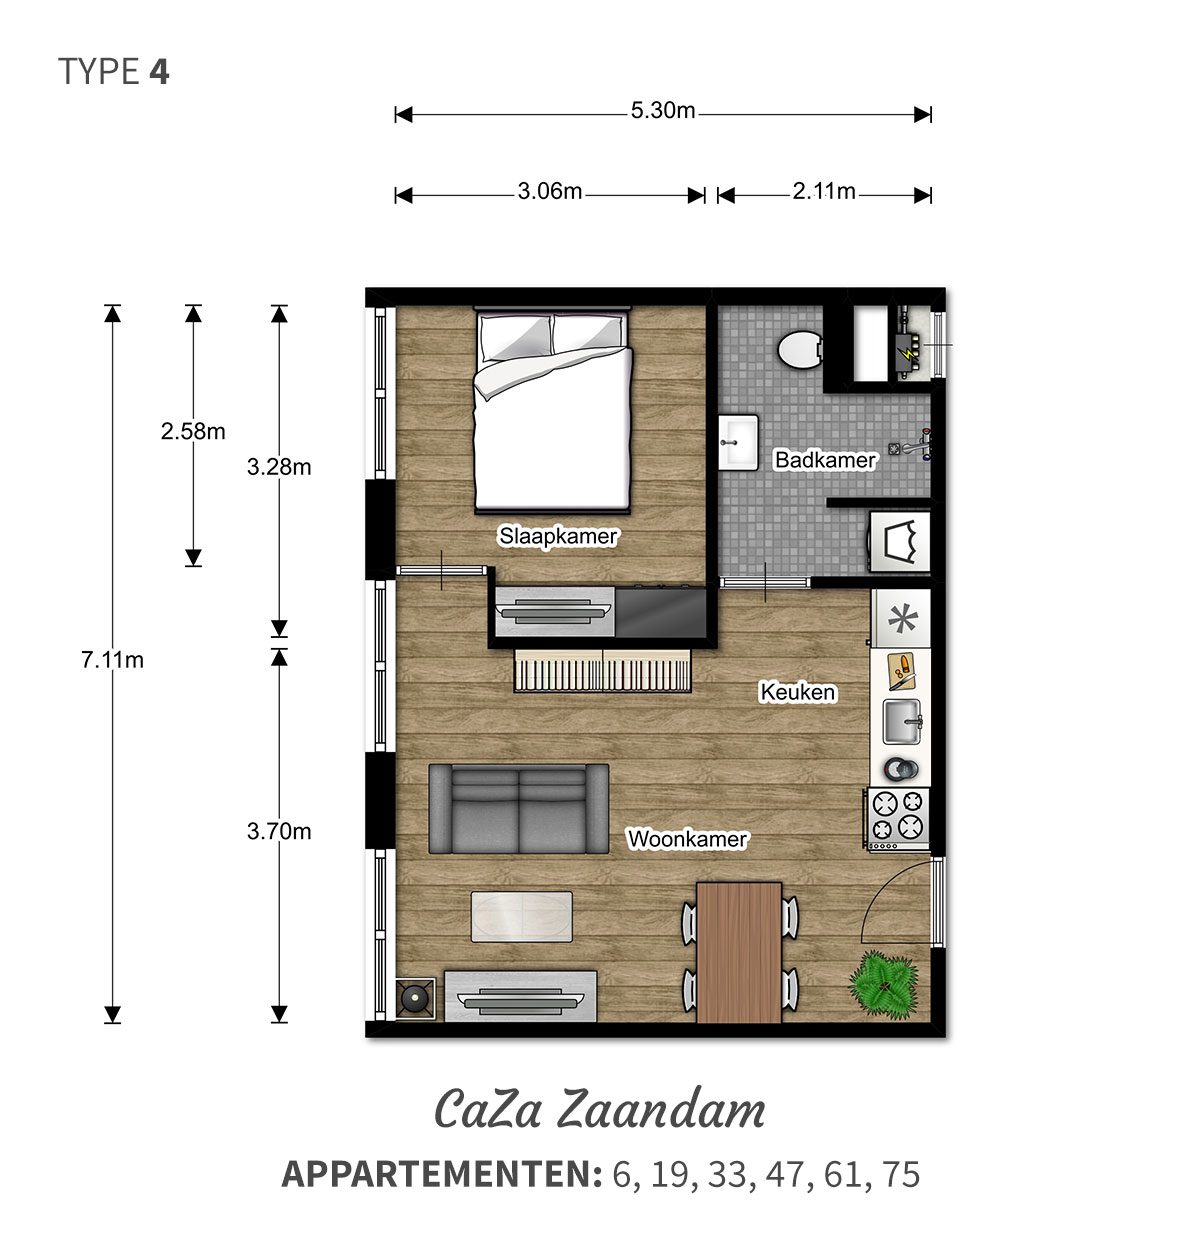 Een ruime woning met prachtig uitzicht - 2 kamer comfort appartementen